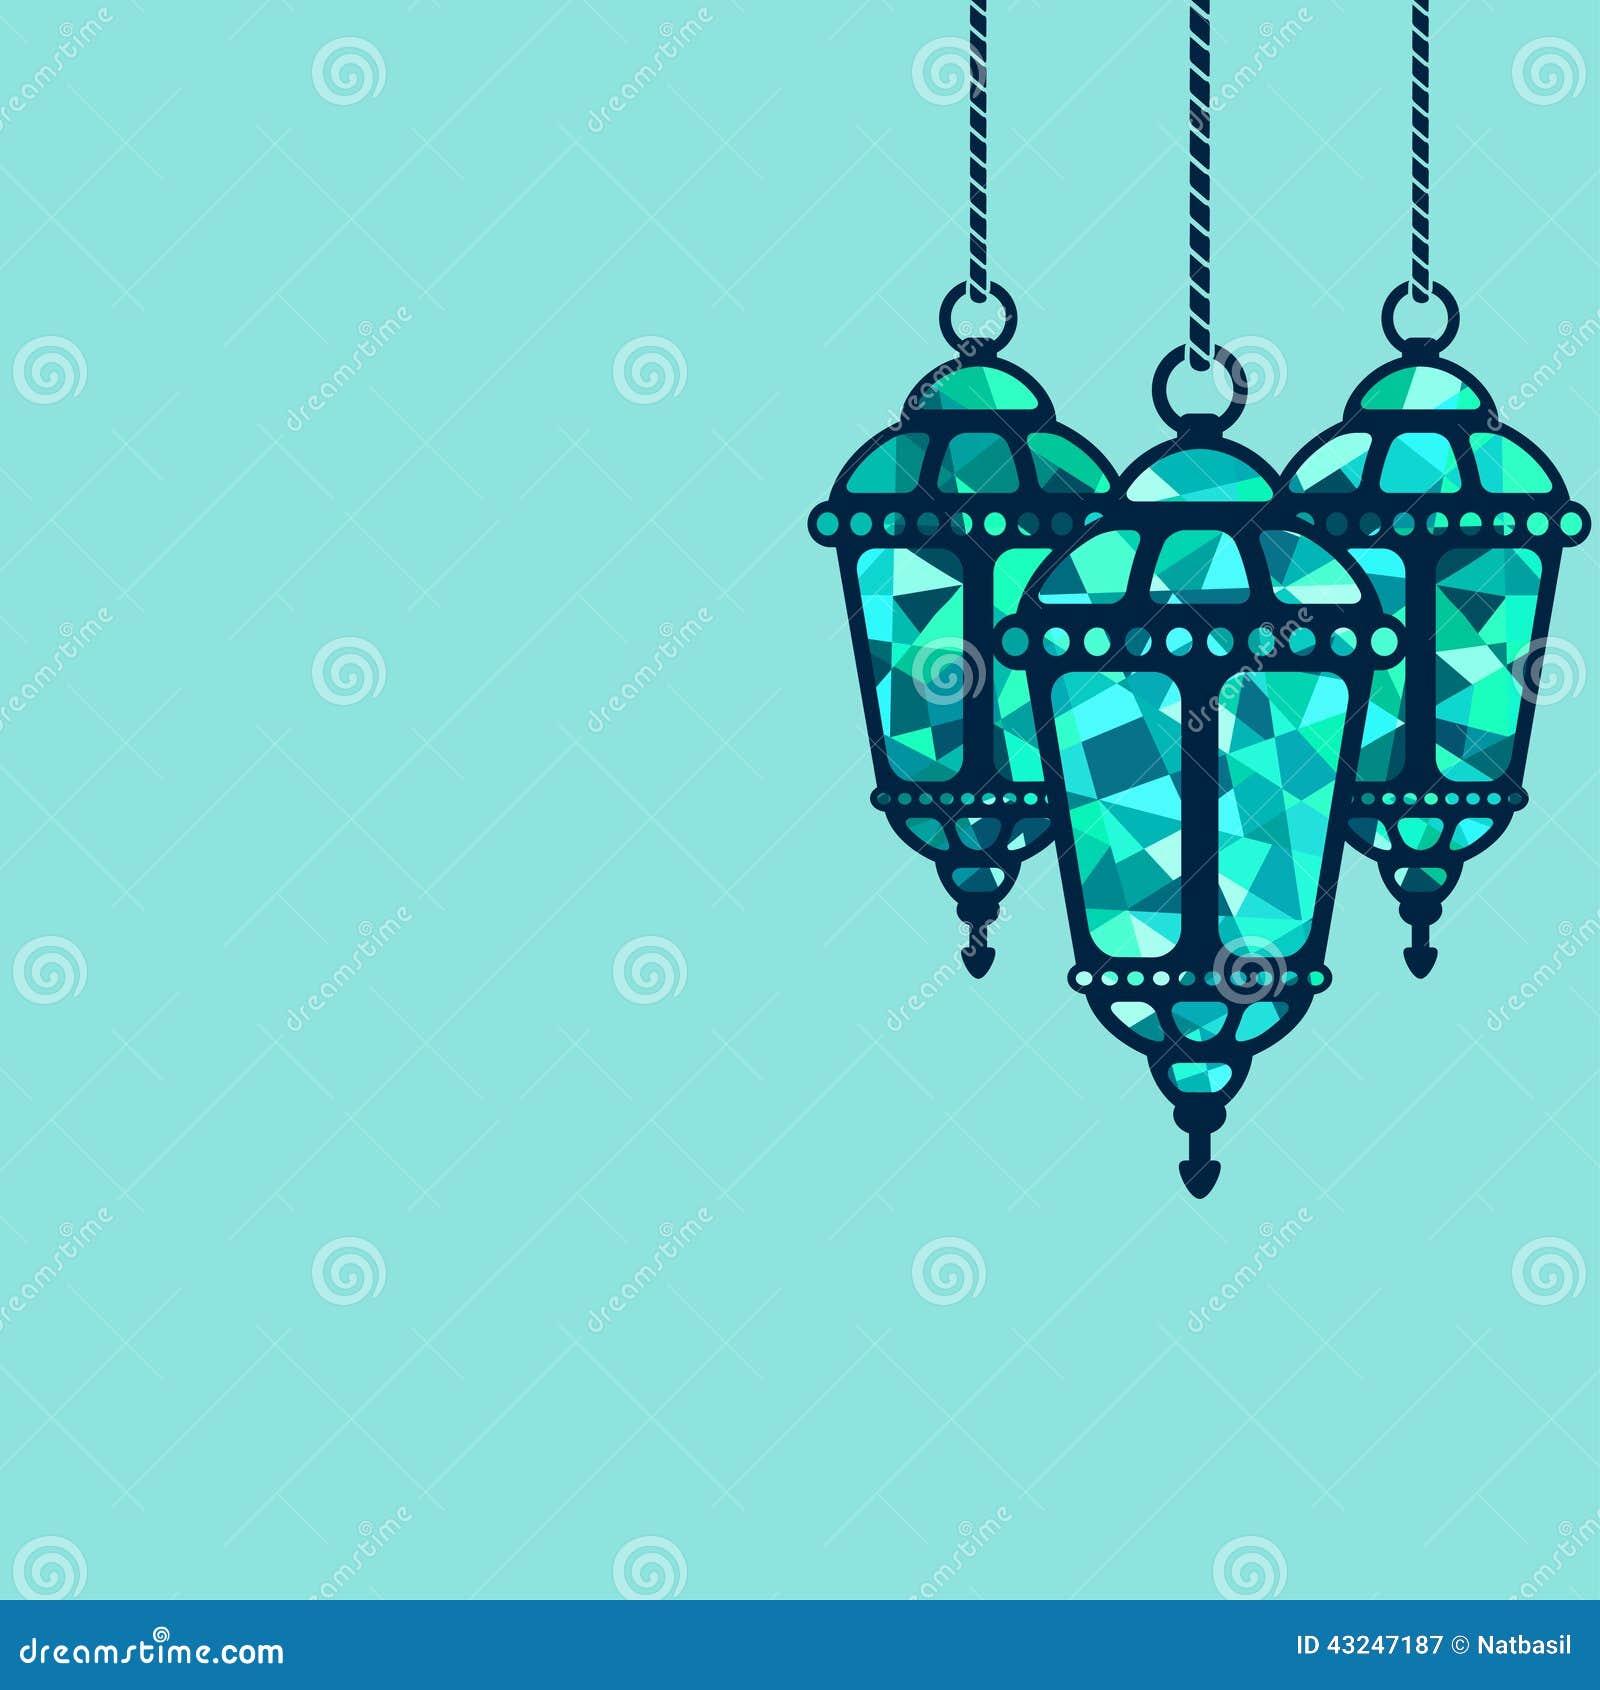 ramadan lantern background stock vector  illustration of